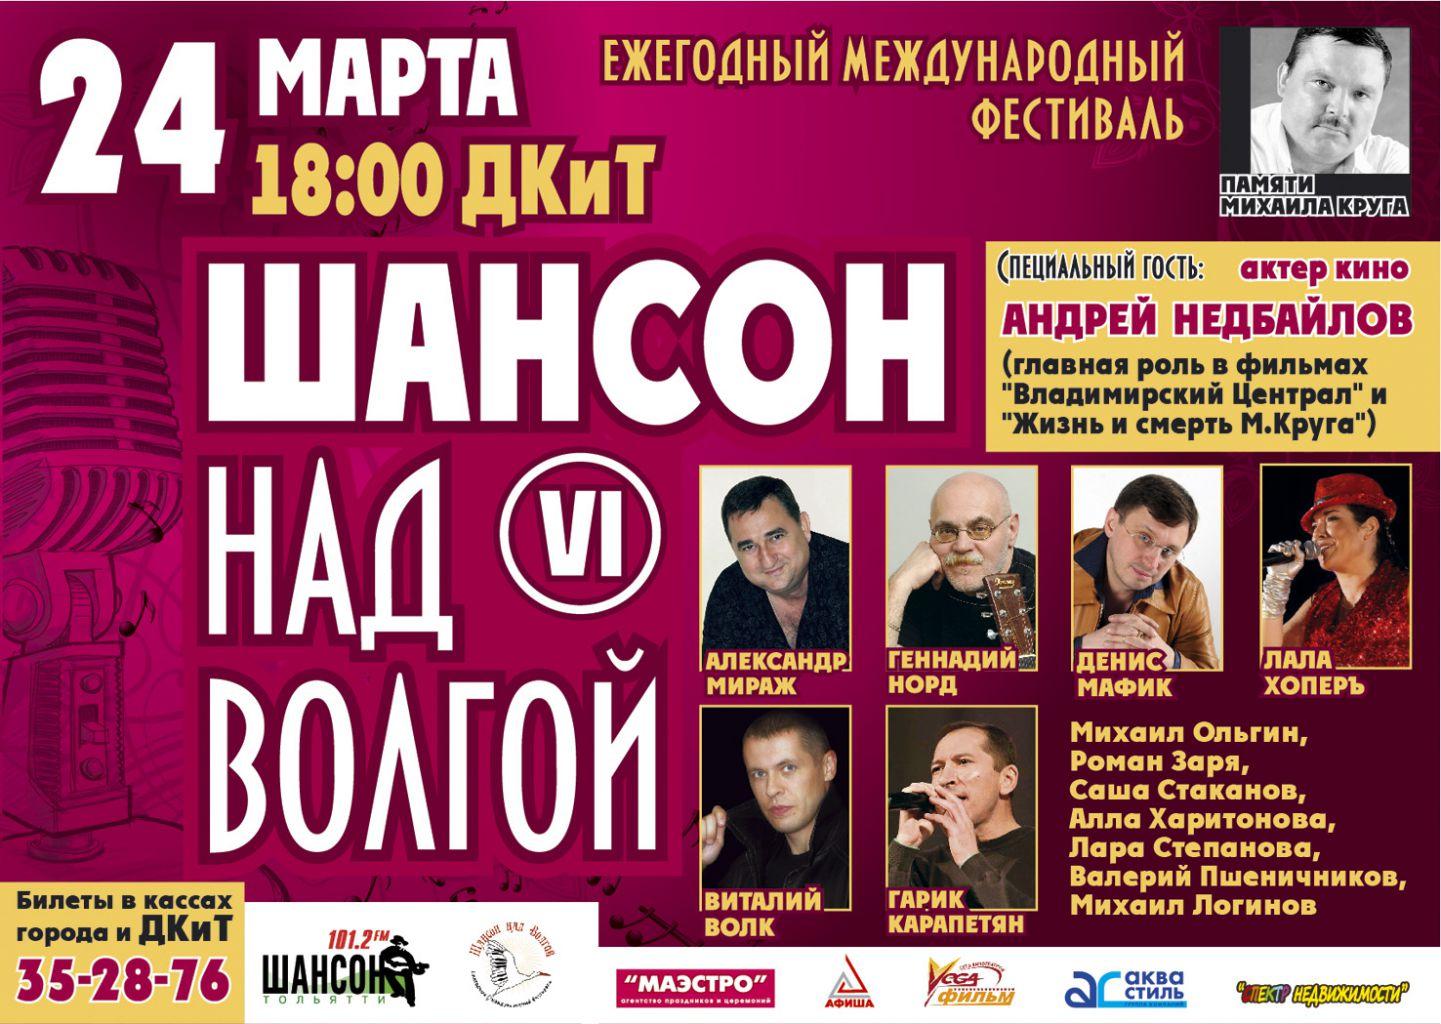 Ежегодный международный фестиваль «Шансон над Волгой – VI» 24 марта 2012 года